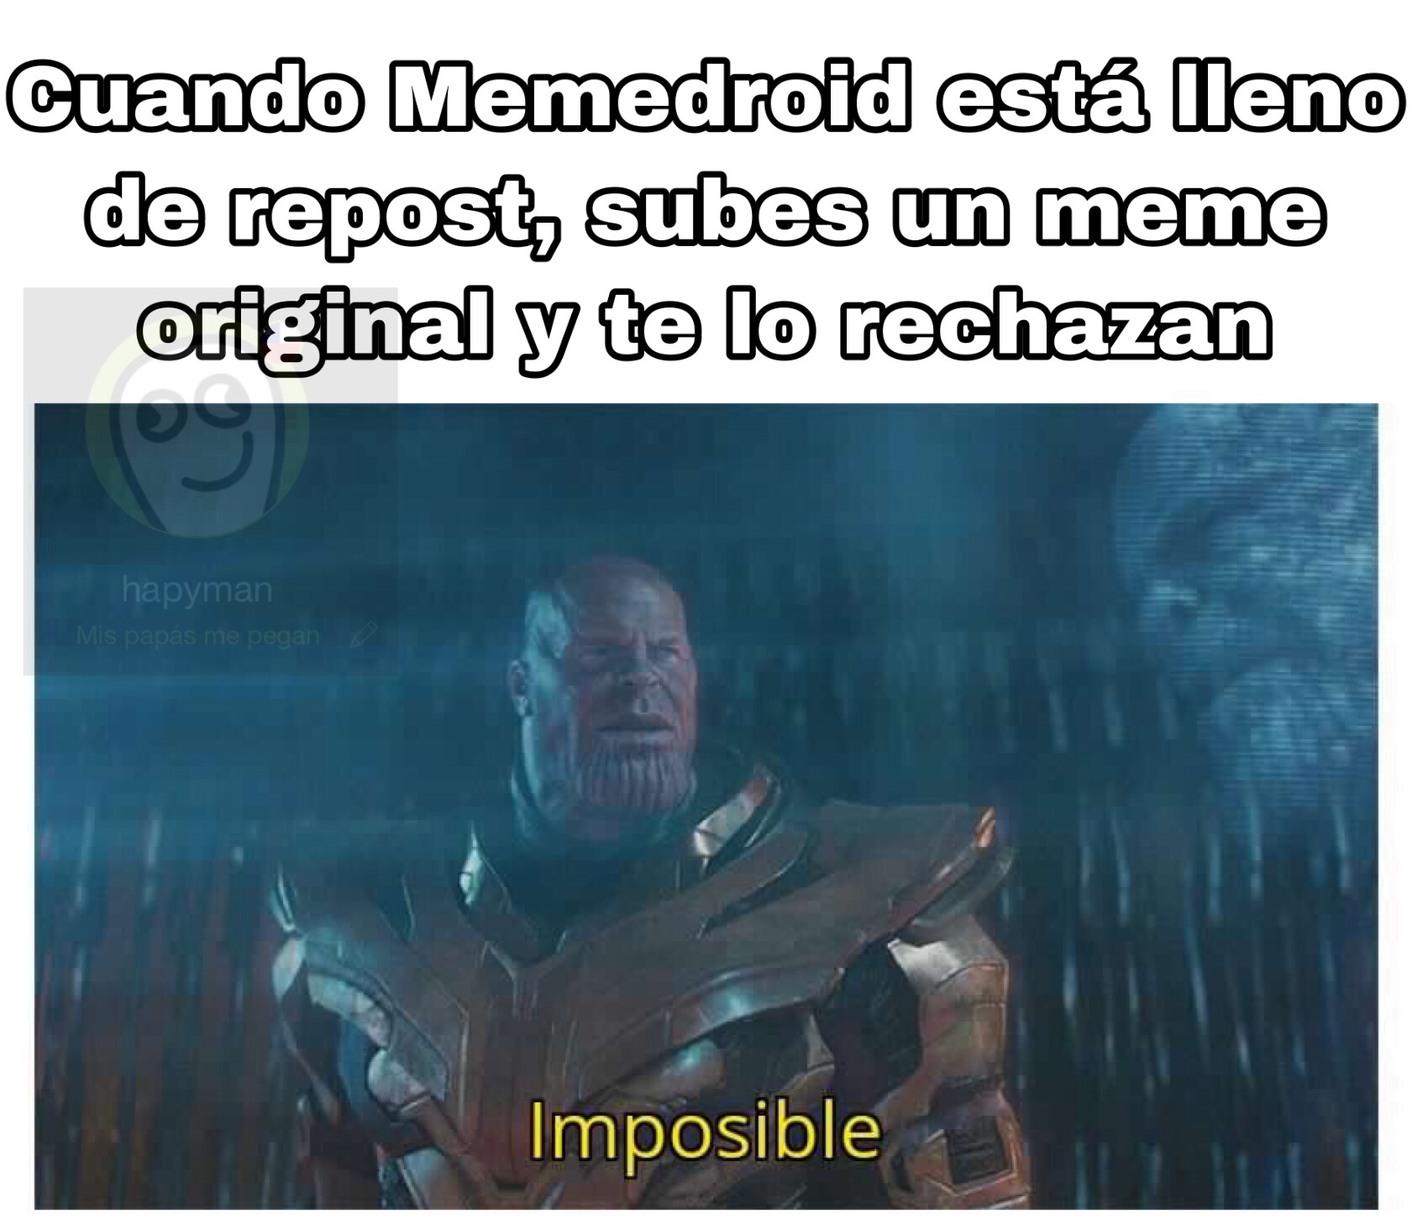 este si es original - meme